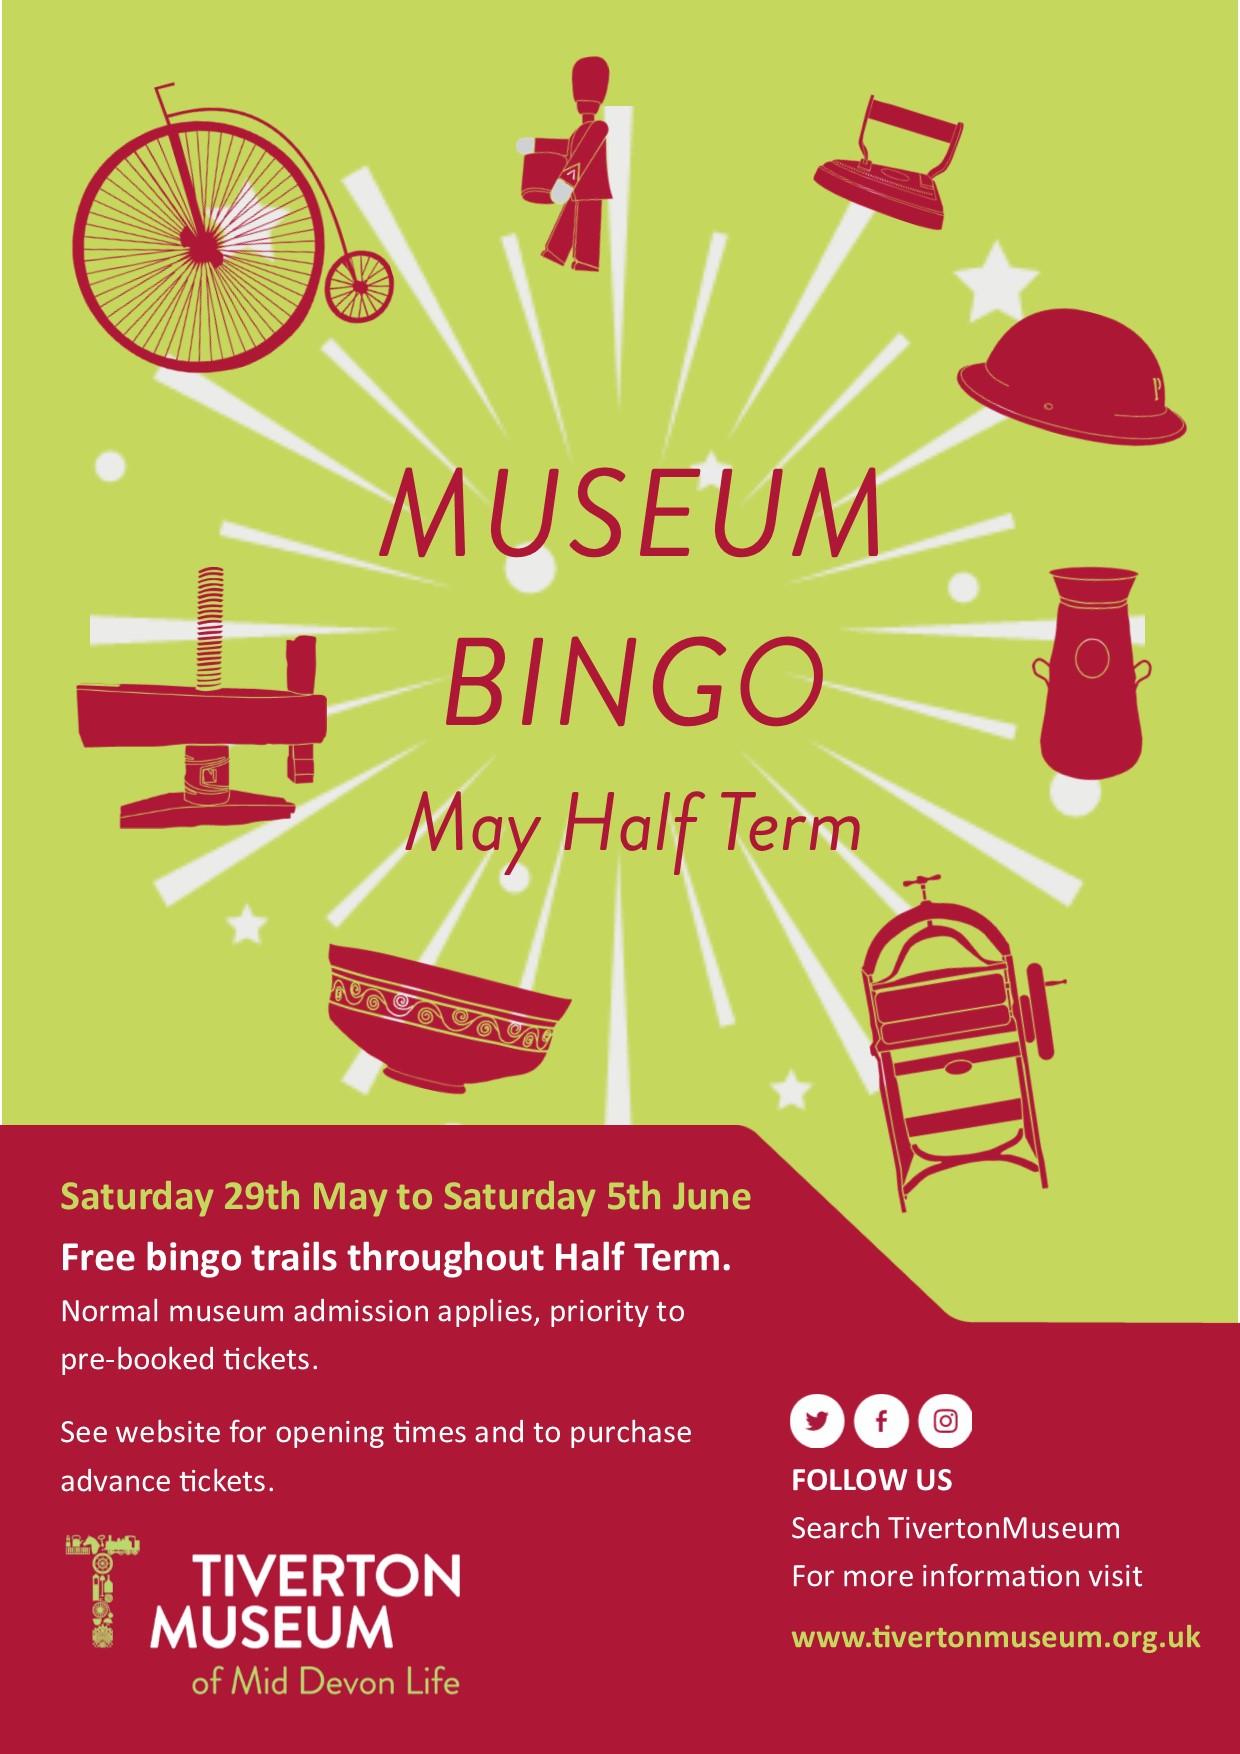 museum bingo poster